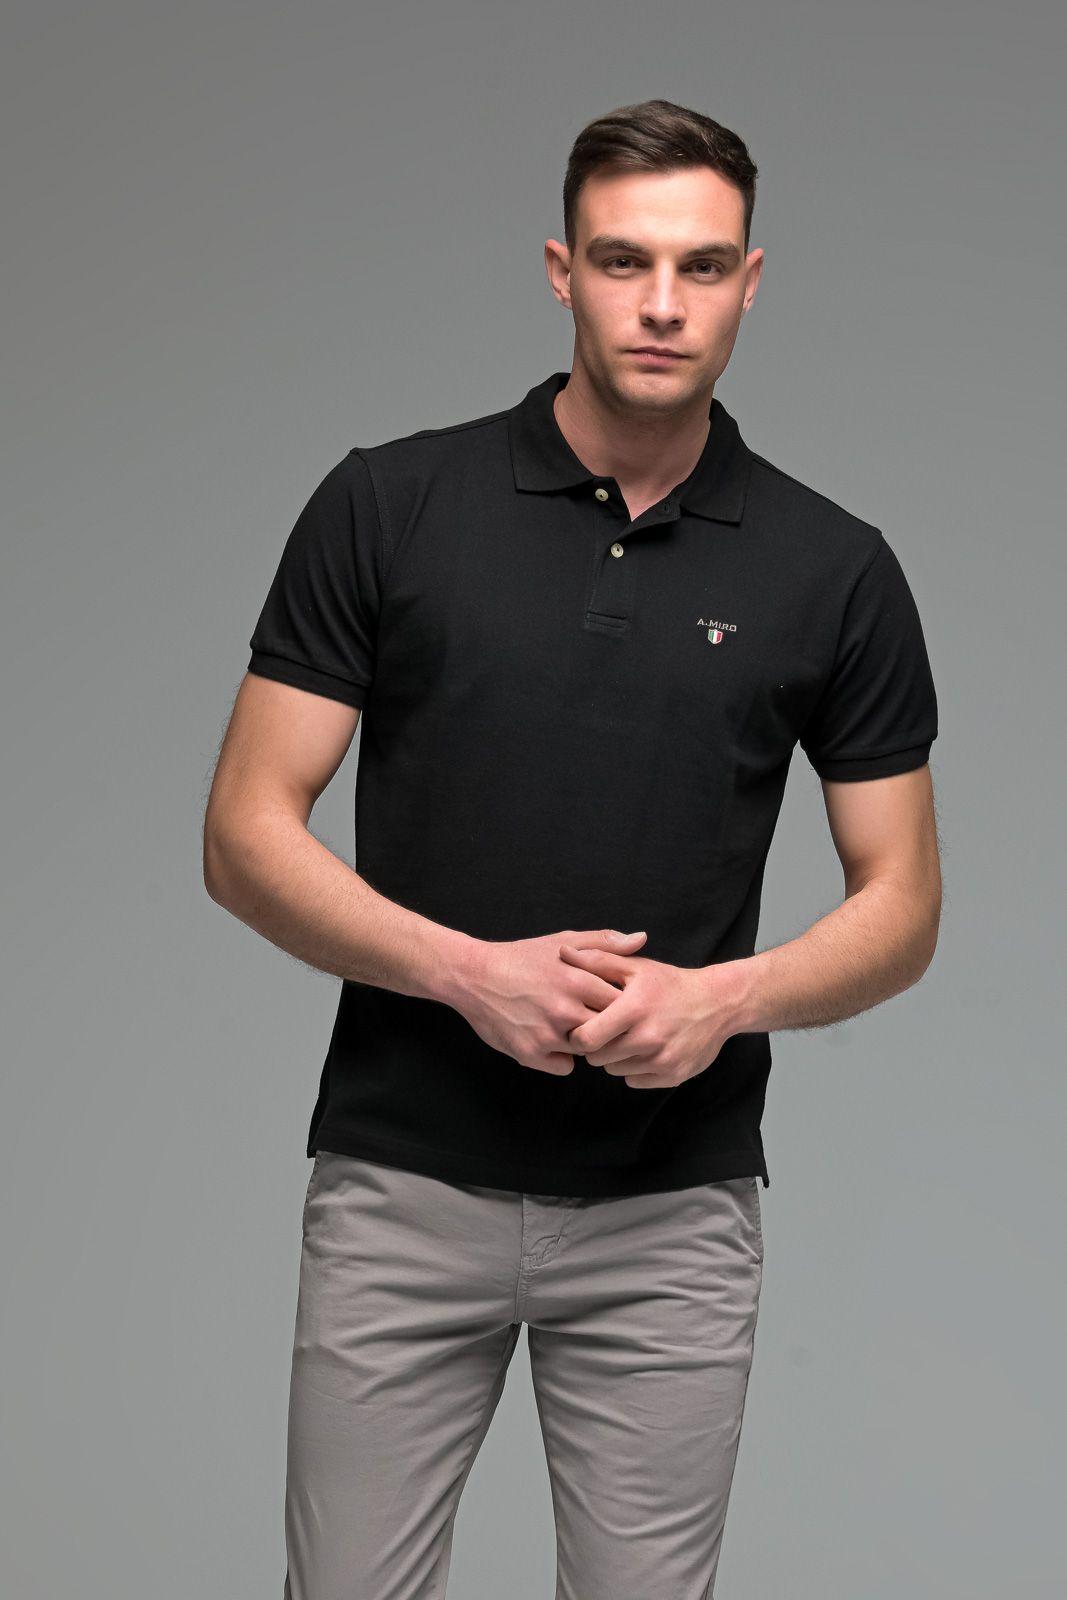 Μονόχρωμο Ανδρικό Πόλο Μπλουζάκι Μαύρο Basic Collection- Slim Fit